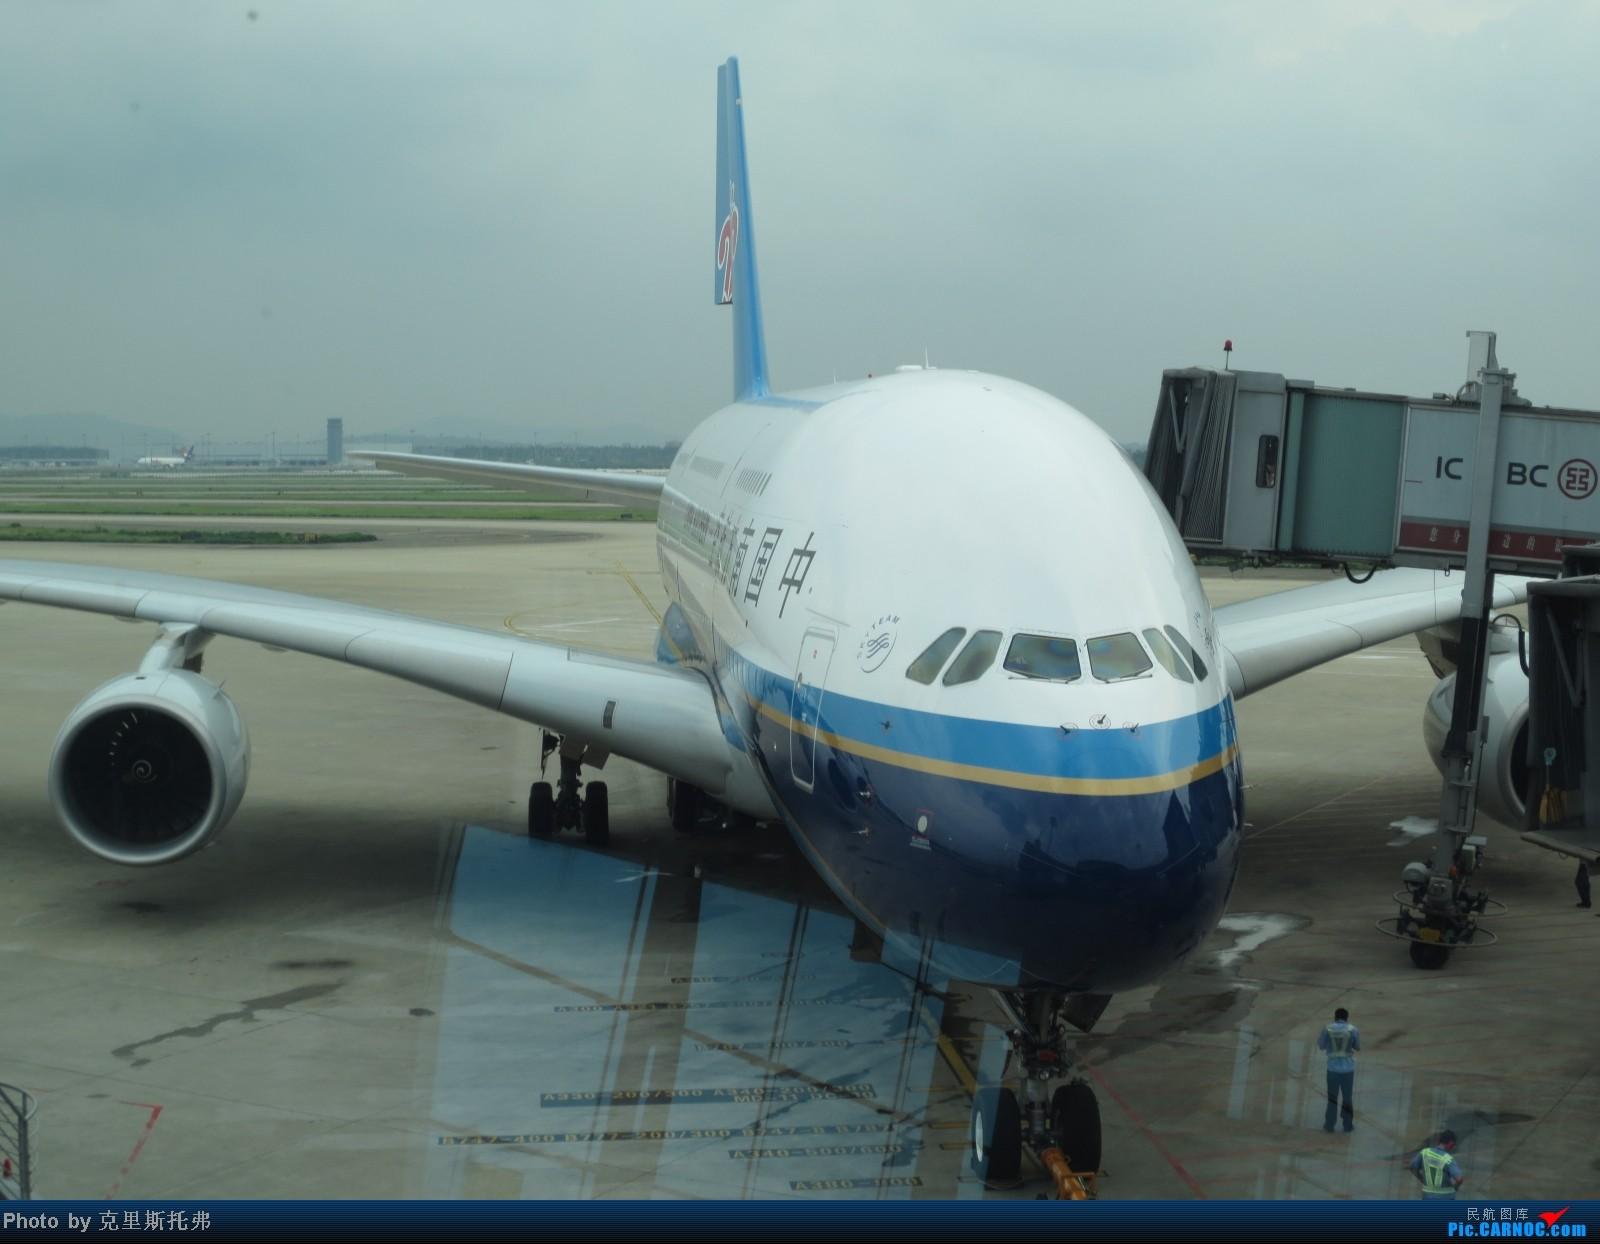 Re:[原创]【广州,你好!】八月齐鲁行 第一集 {初到齐鲁城} 不期而遇,鹏程行万里 相伴相惜,享飞行至美 AIRBUS A380 B-6138